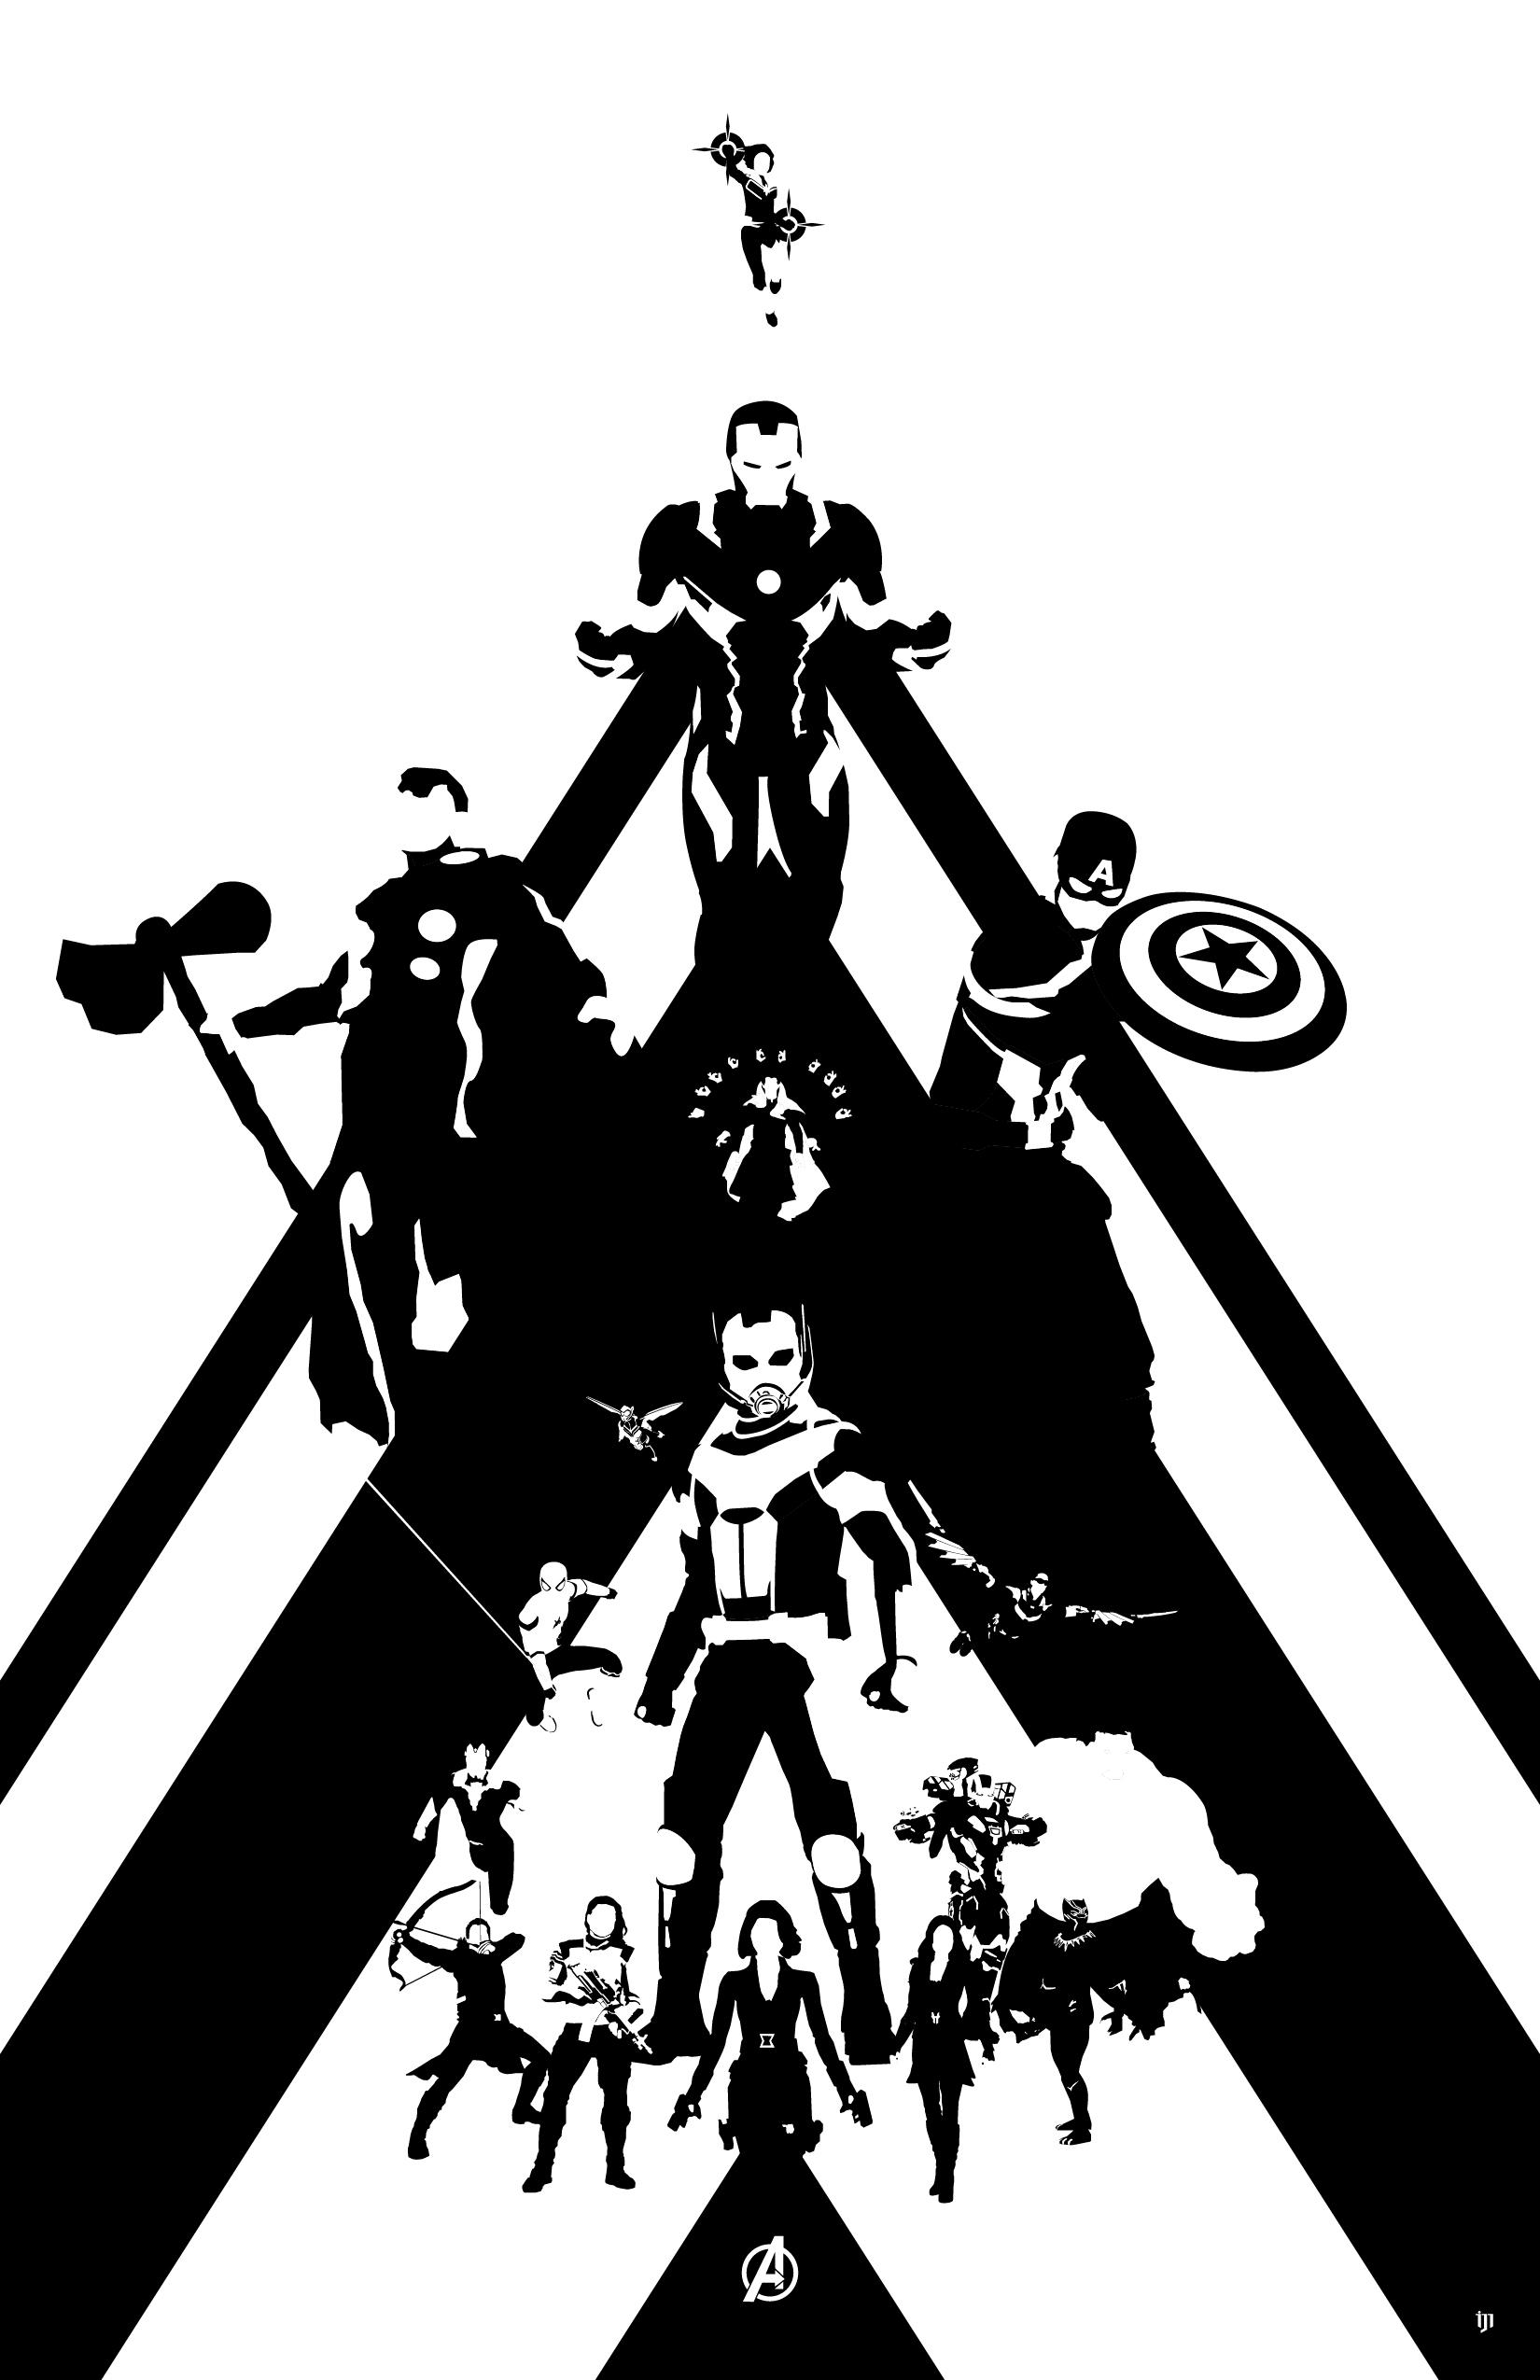 Avengers_Web-05.jpg